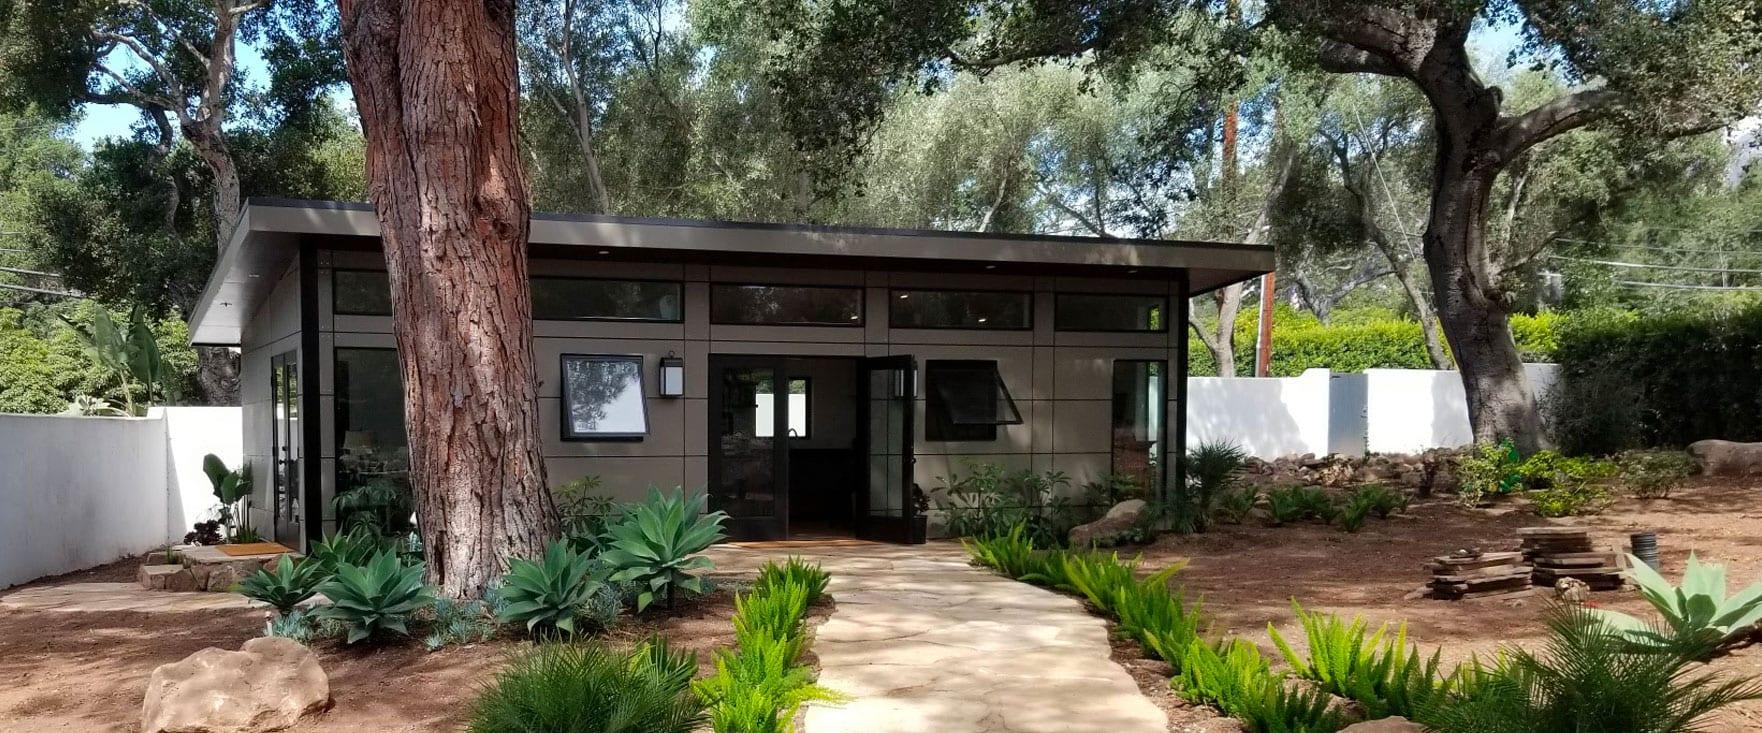 Prefab Accessory Dwelling Units Adu And Modern Garages Studio Shed